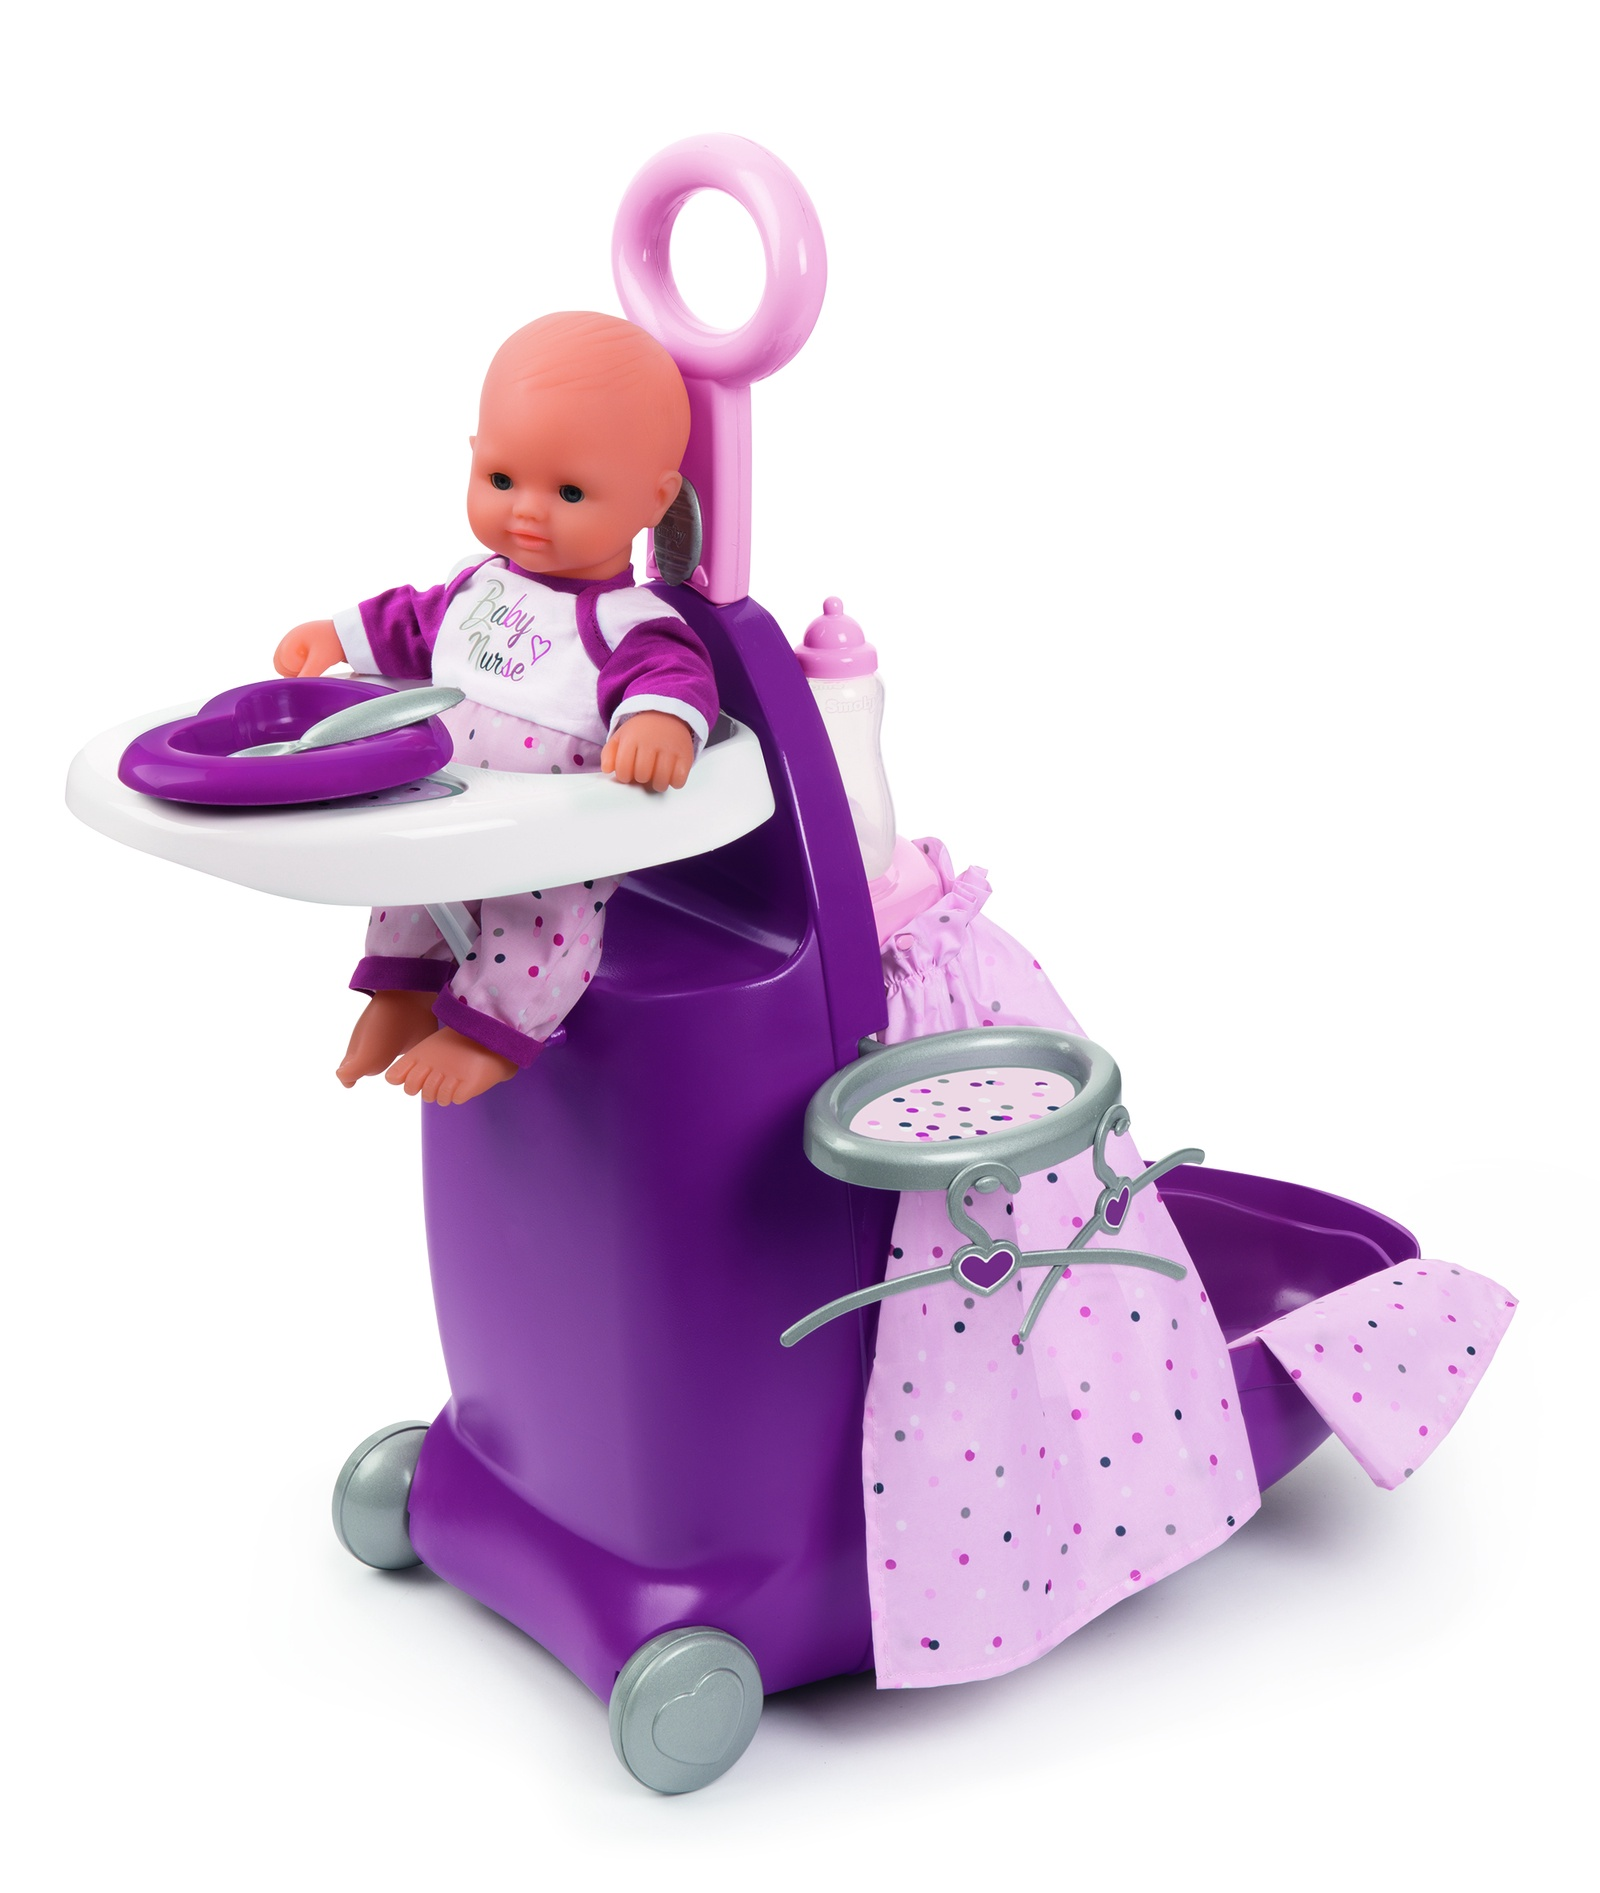 Baby Nurse Набор для кормления и купания пупса в чемодане, 26х47х62 см